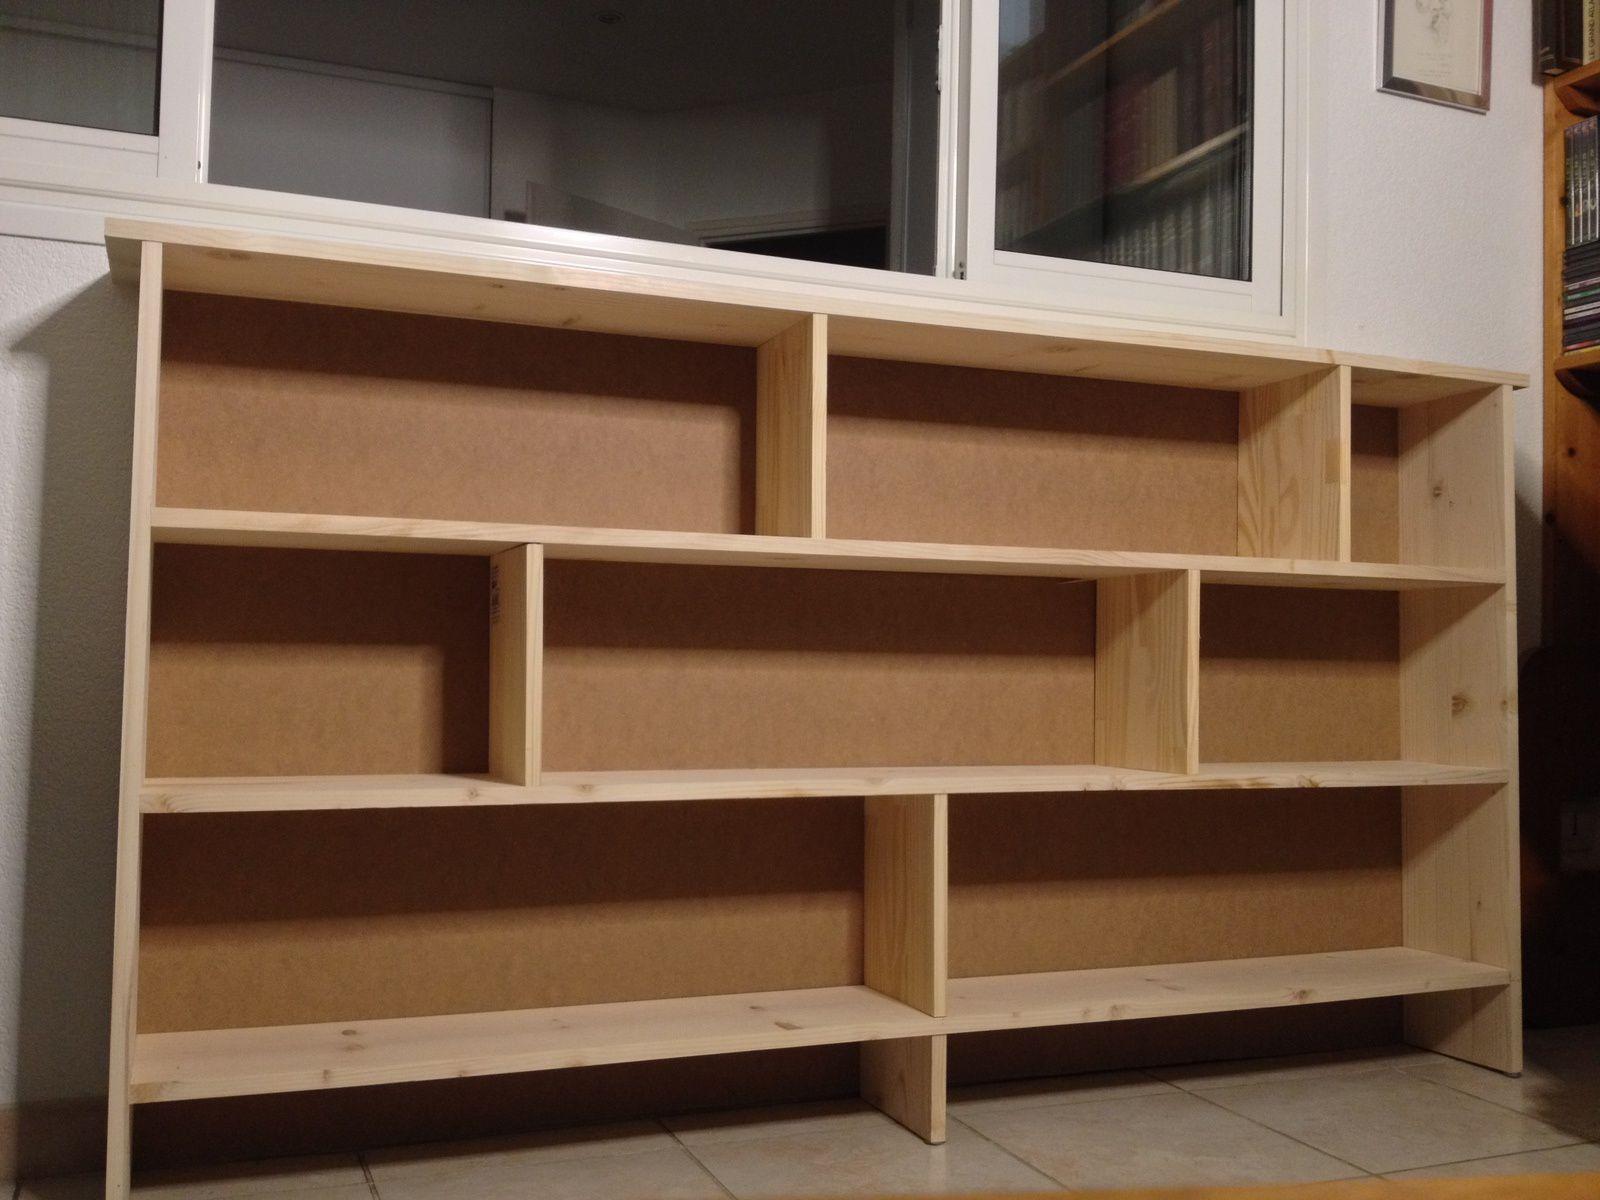 Nouvelle bibliothèque pensée et réalisée par l'ange de l'Atelier de la Conque